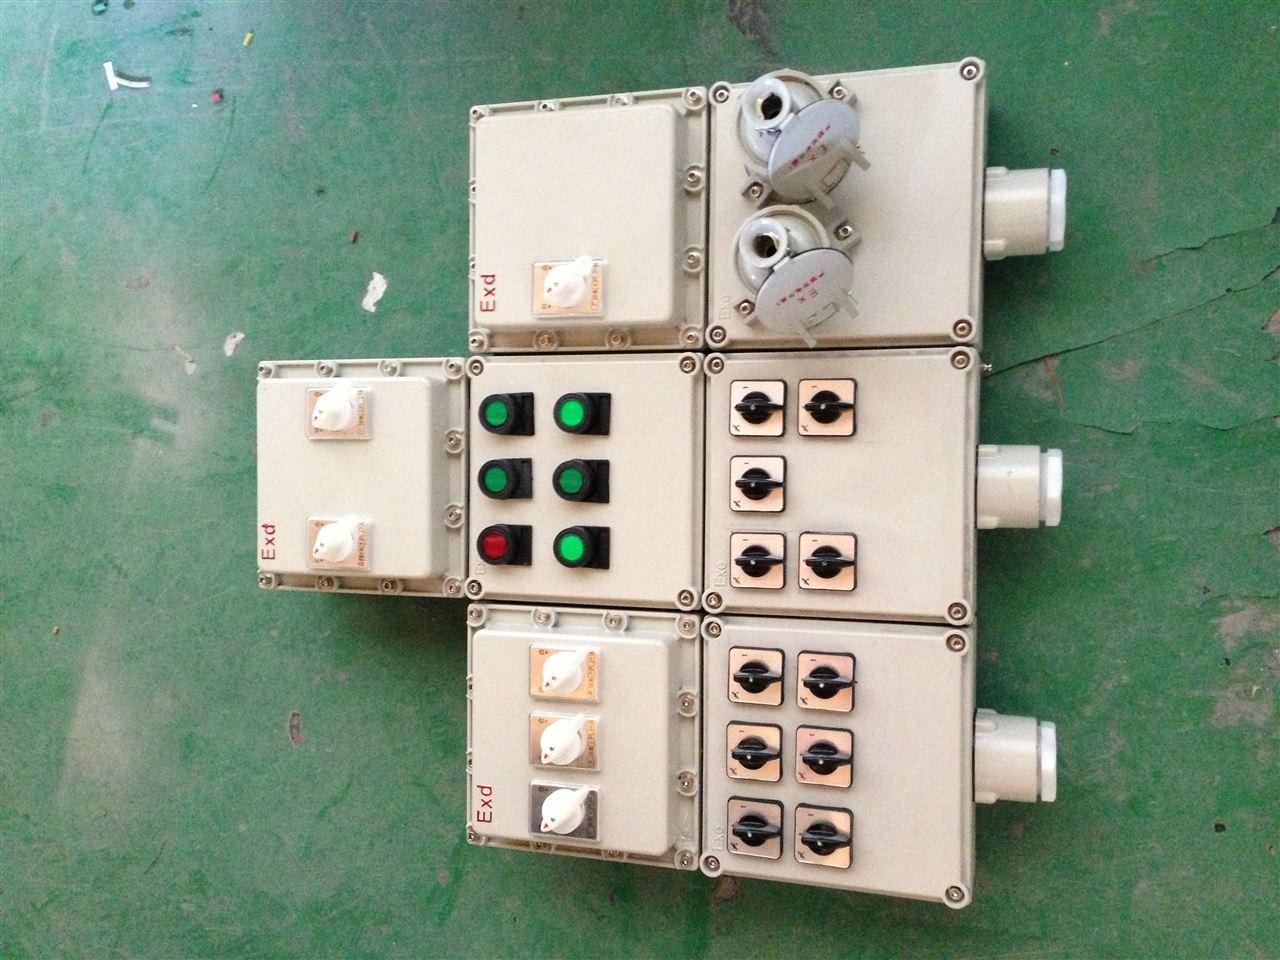 配电箱接线箱内绝缘材料级别为Ⅱ级的电气间隙不